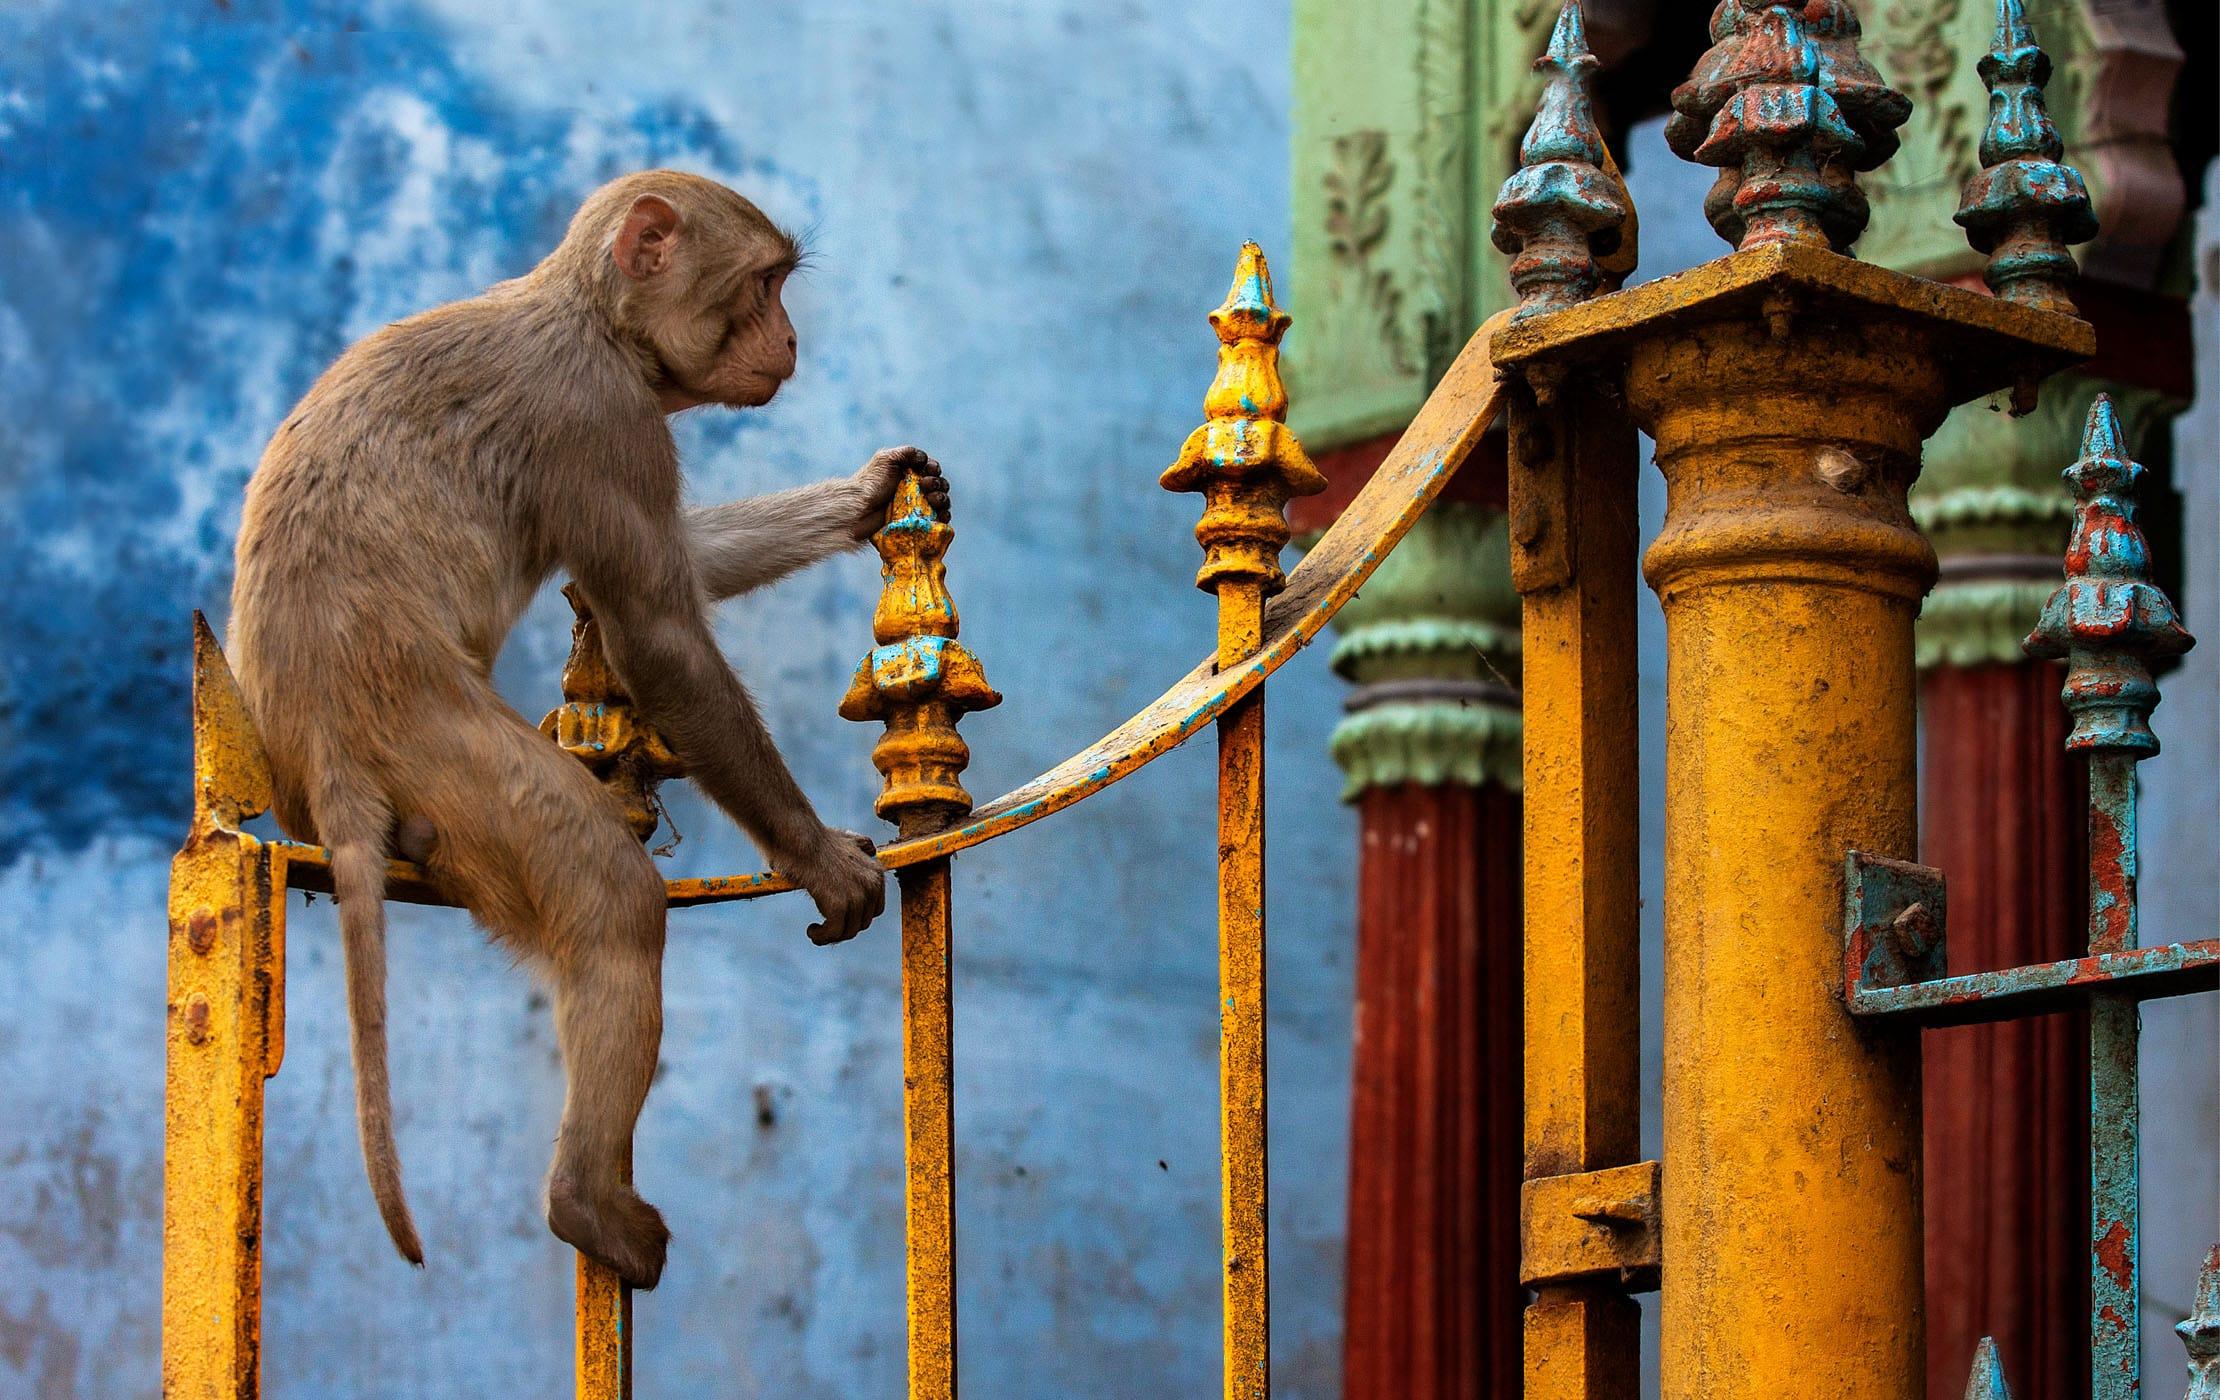 Monkey outside Varanasi Temple